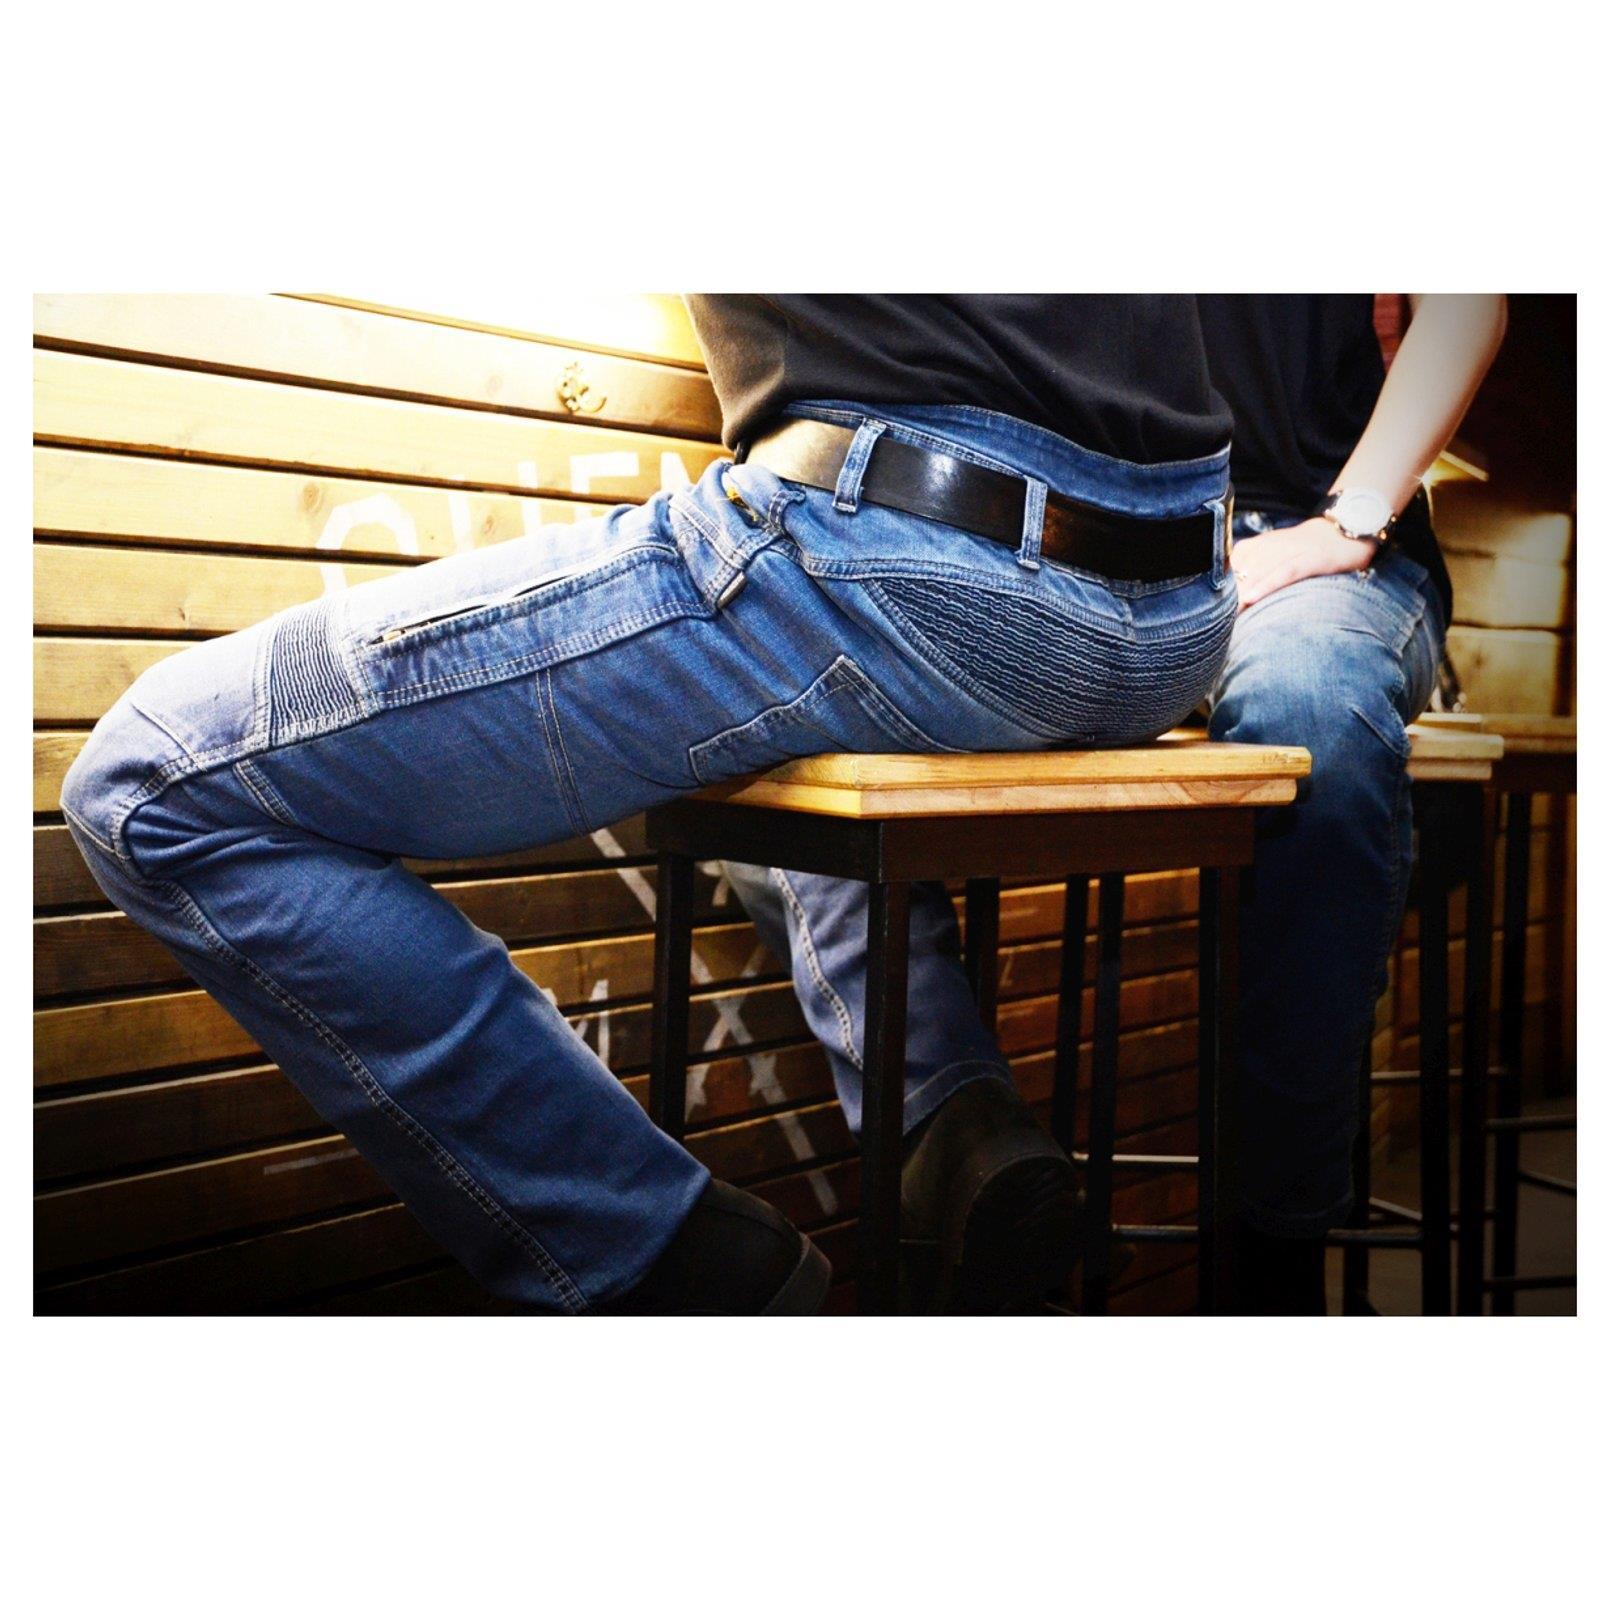 Trilobite-paradoxale-veste-pantalon-protecteur-incl-d-039-aramide-Moto-Jeans-Hommes-Femmes miniature 28